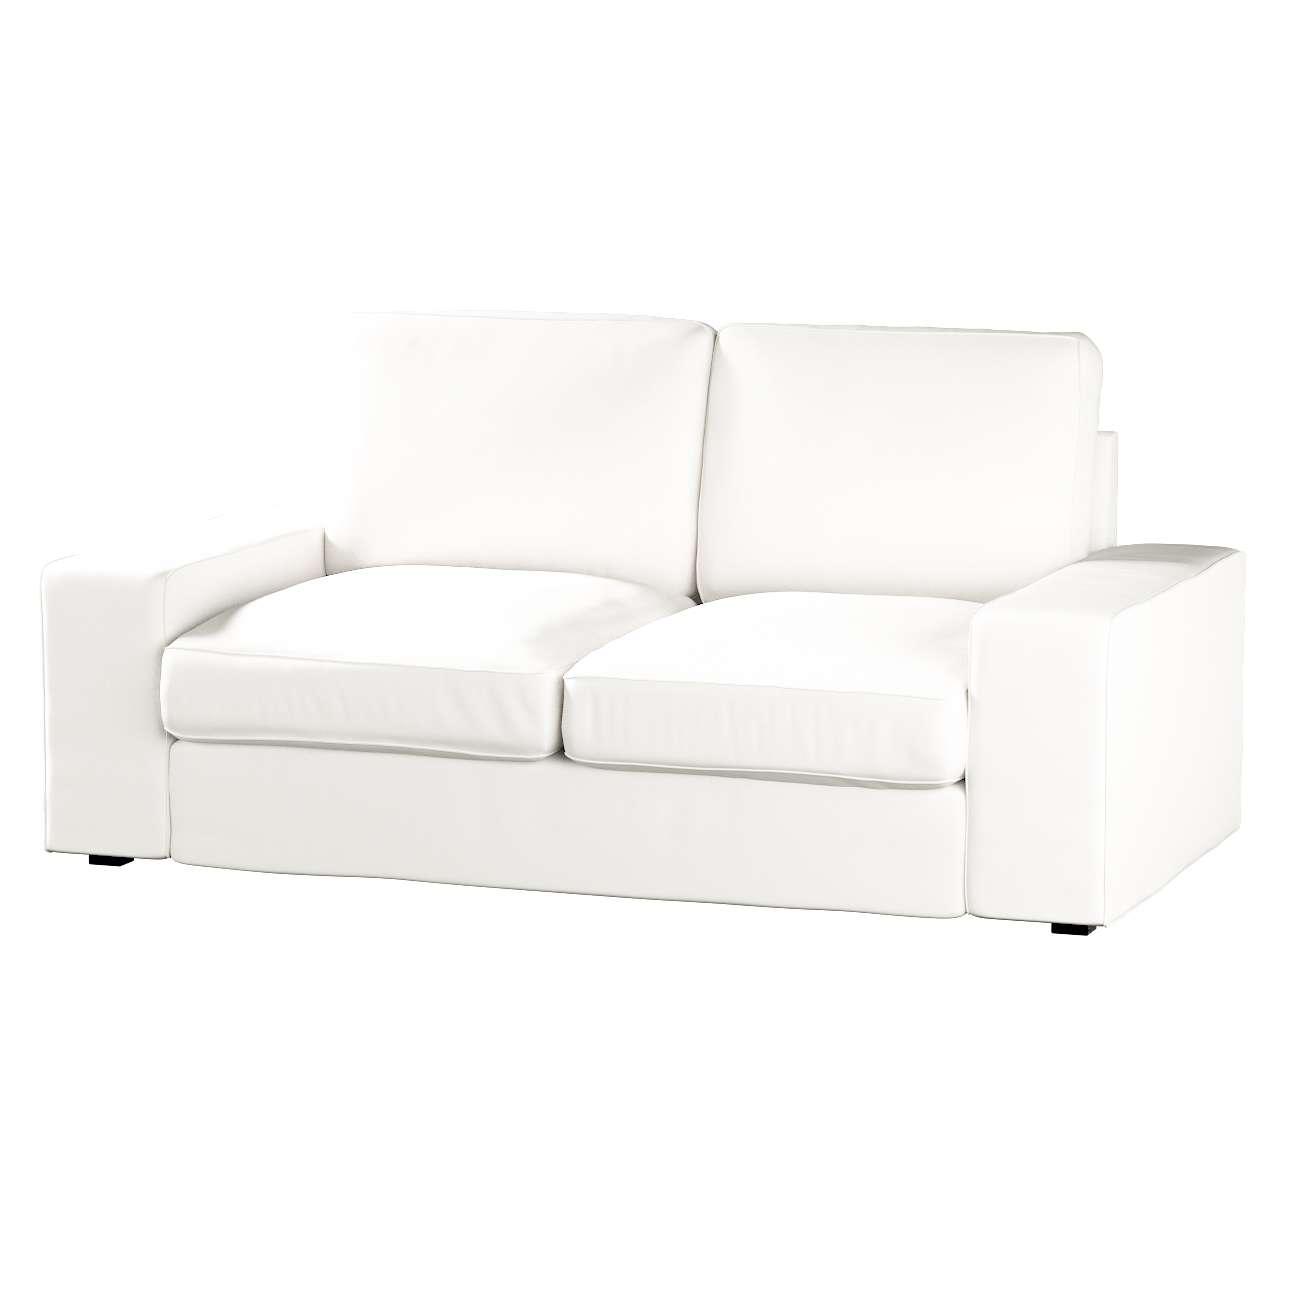 Pokrowiec na sofę Kivik 2-osobową, nierozkładaną Sofa Kivik 2-osobowa w kolekcji Cotton Panama, tkanina: 702-34